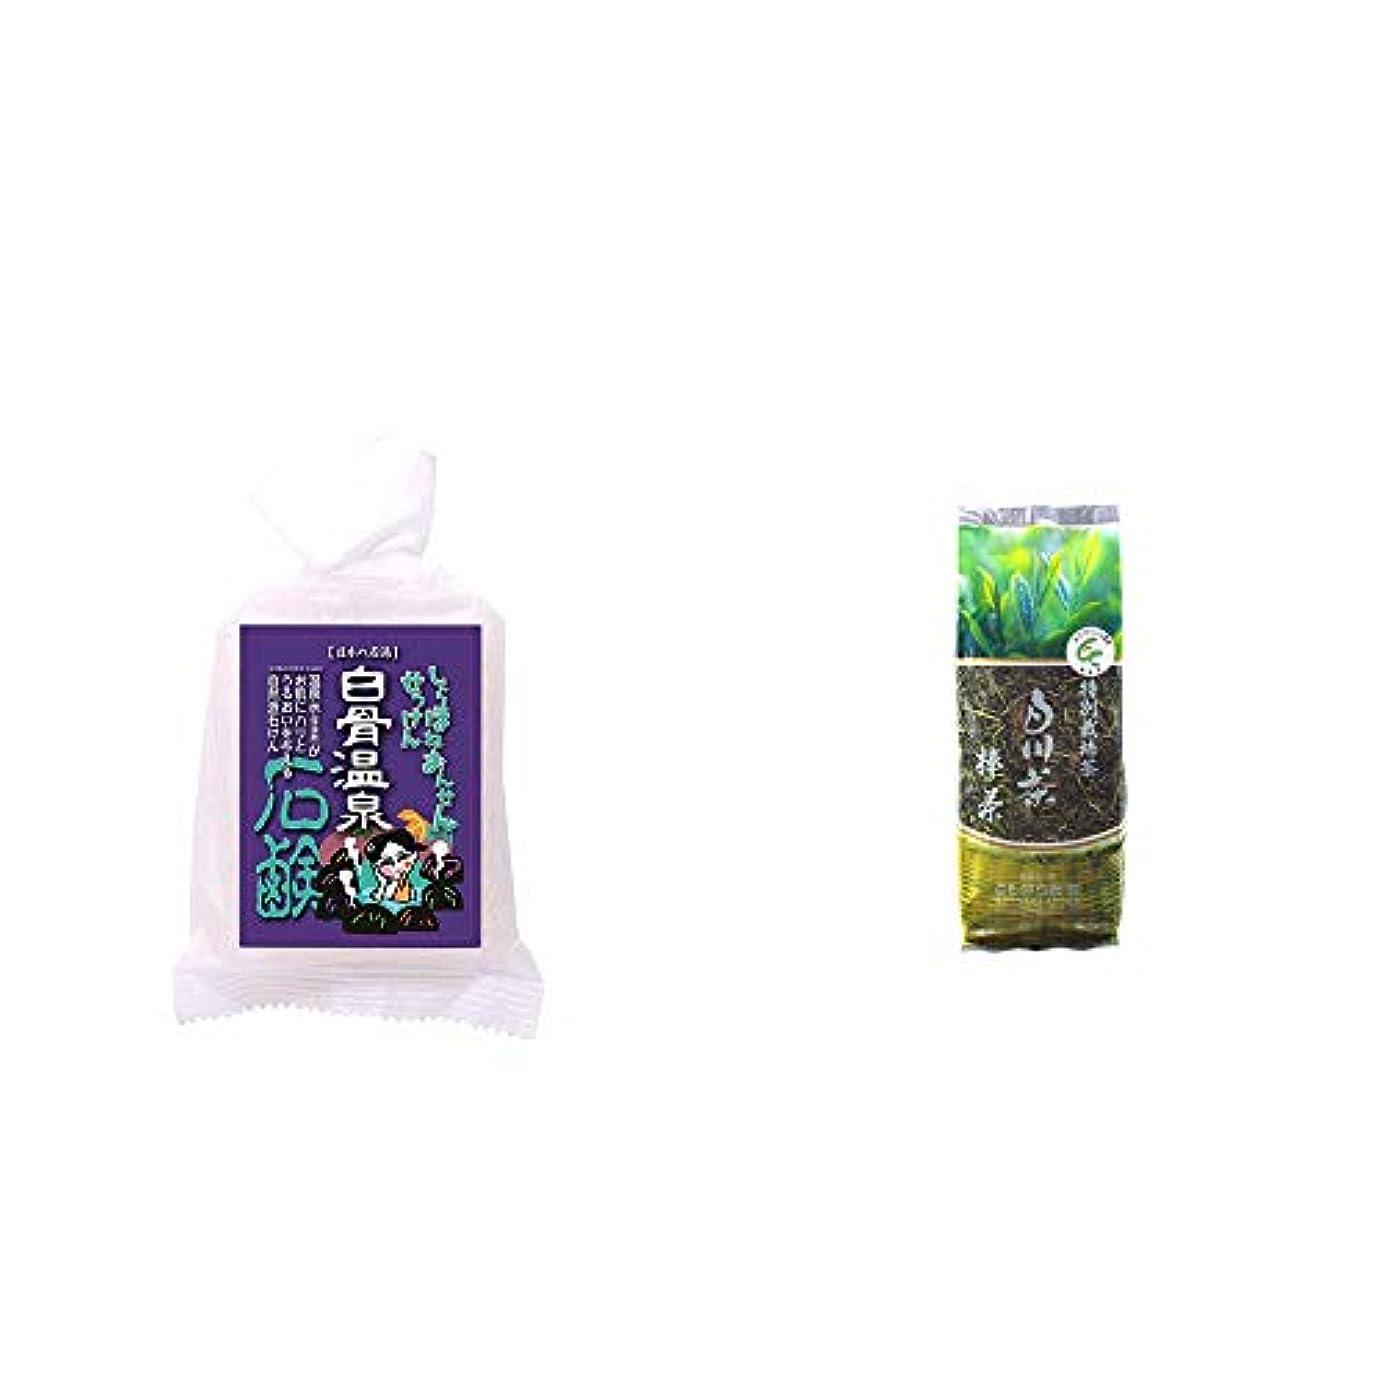 隙間スイス人動脈[2点セット] 信州 白骨温泉石鹸(80g)?白川茶 特別栽培茶【棒茶】(150g)